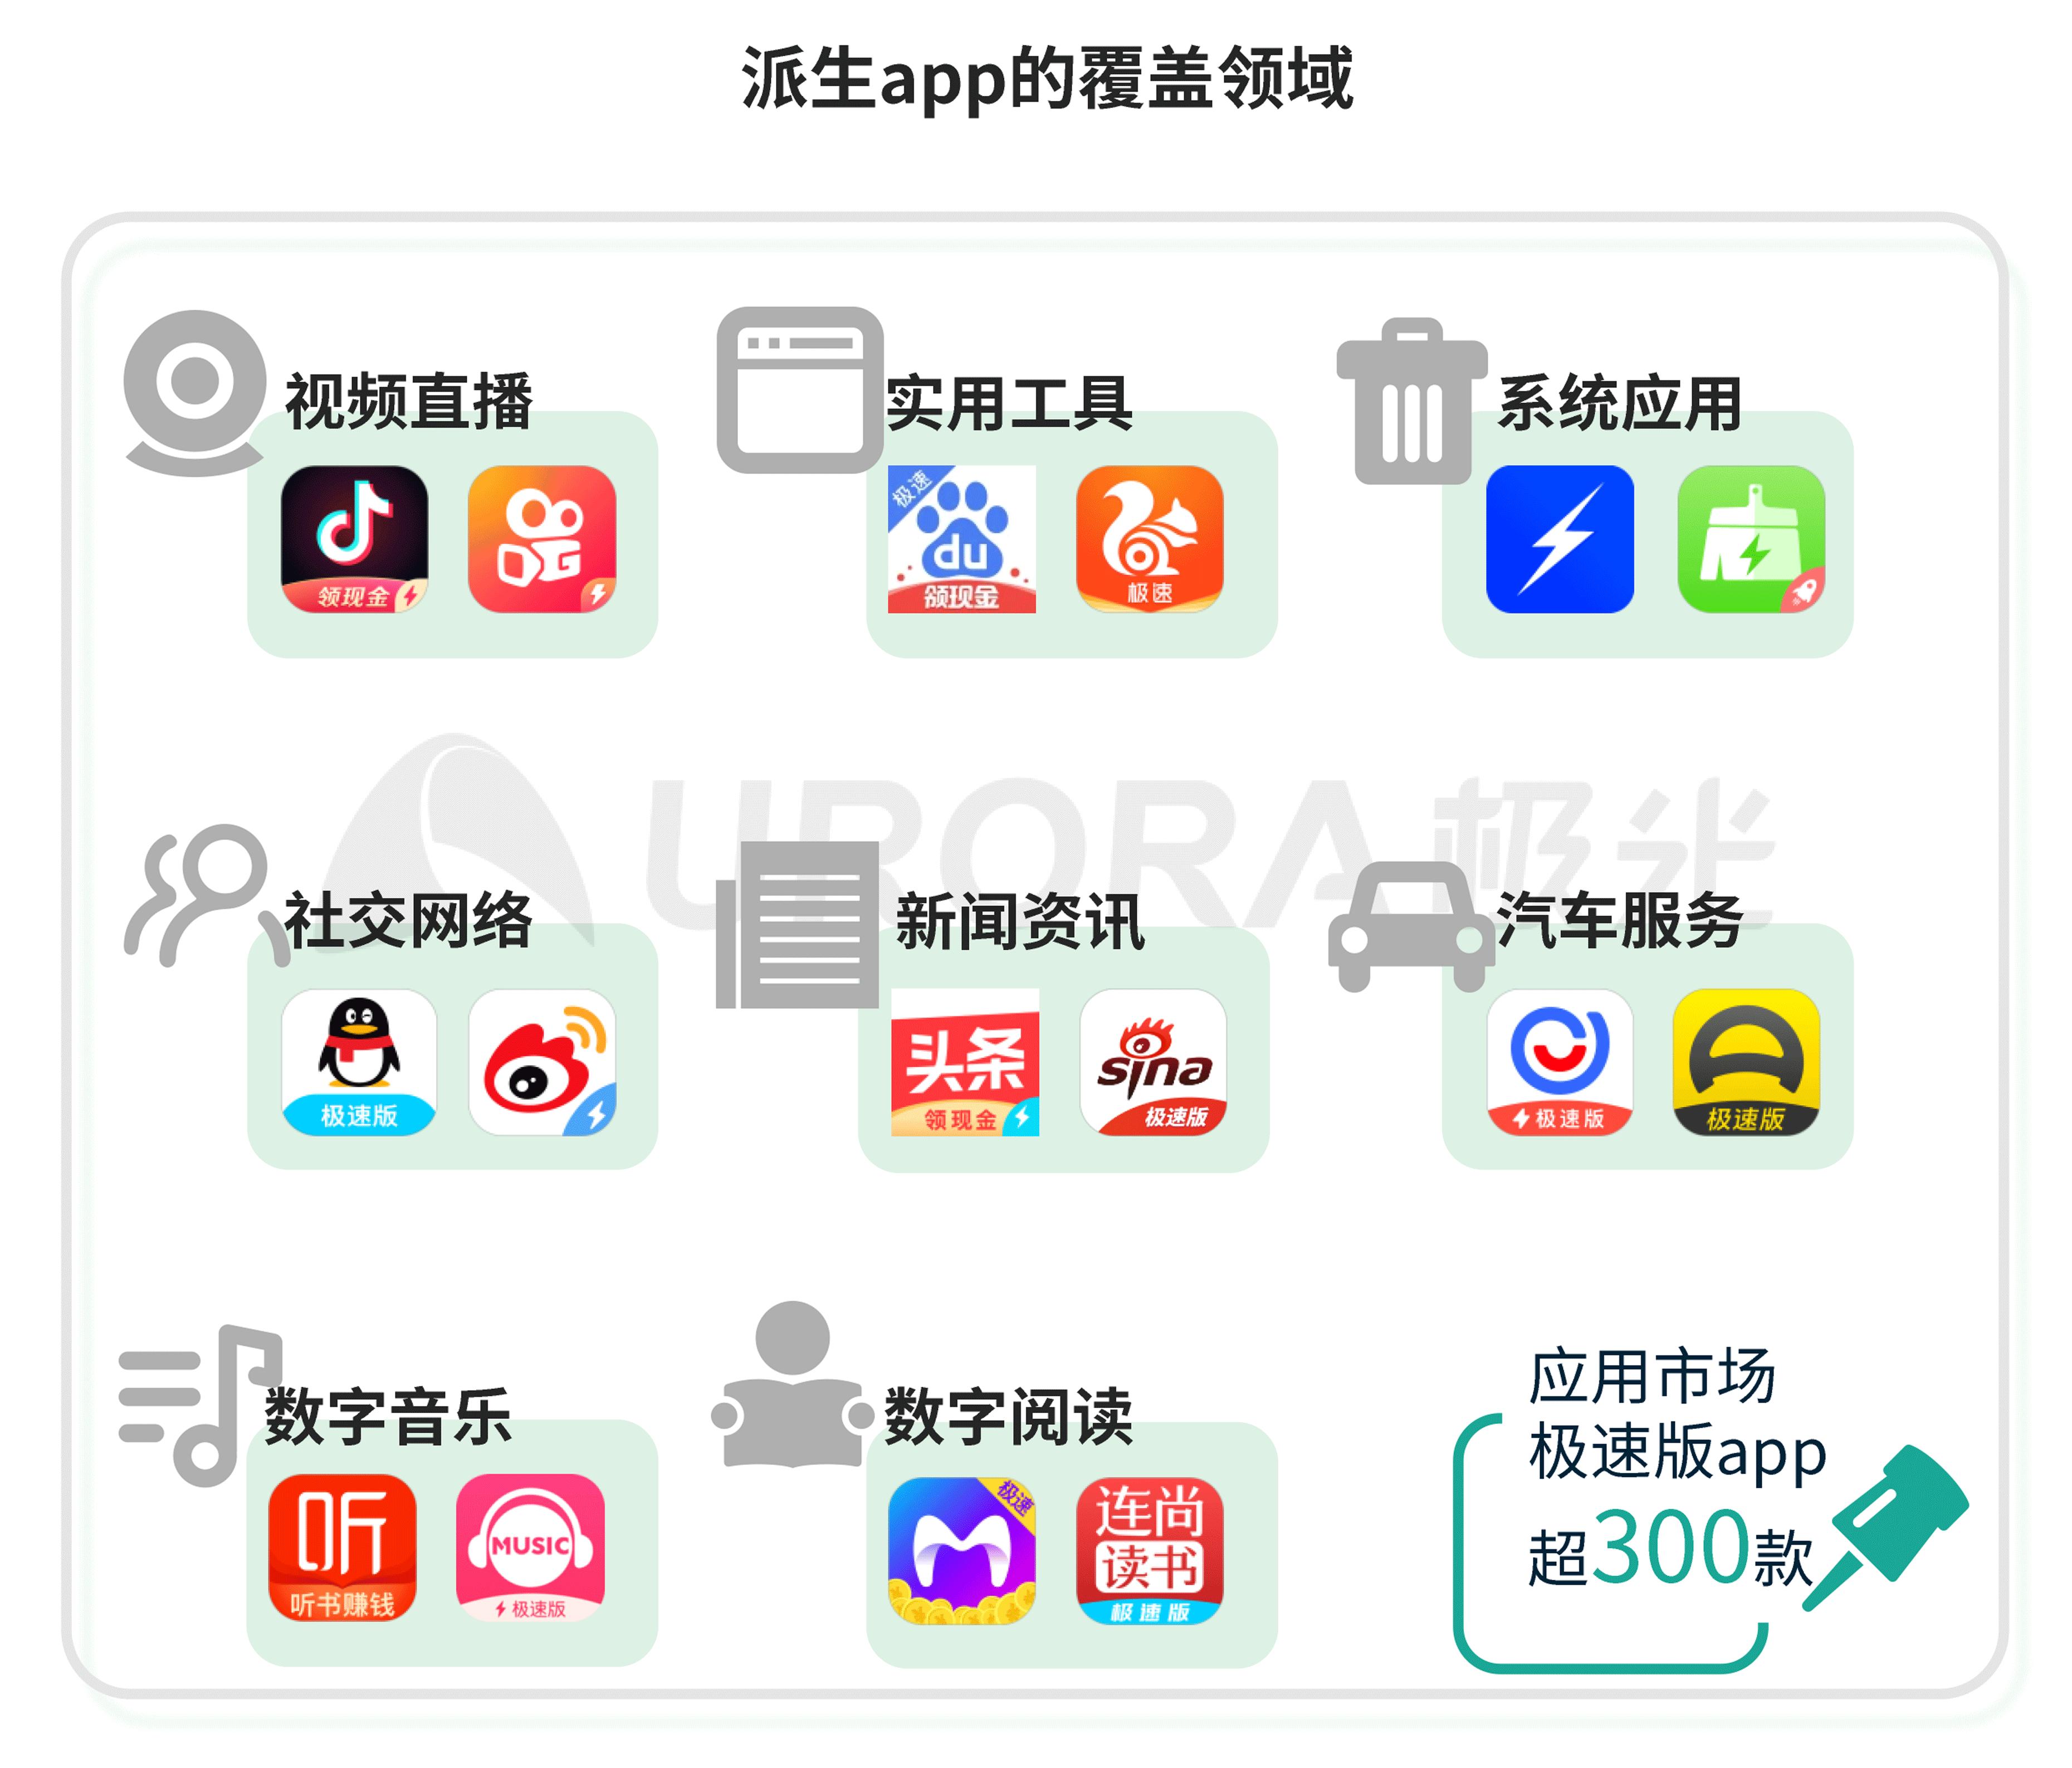 极光:移动互联网派生app研究报告 (4).png